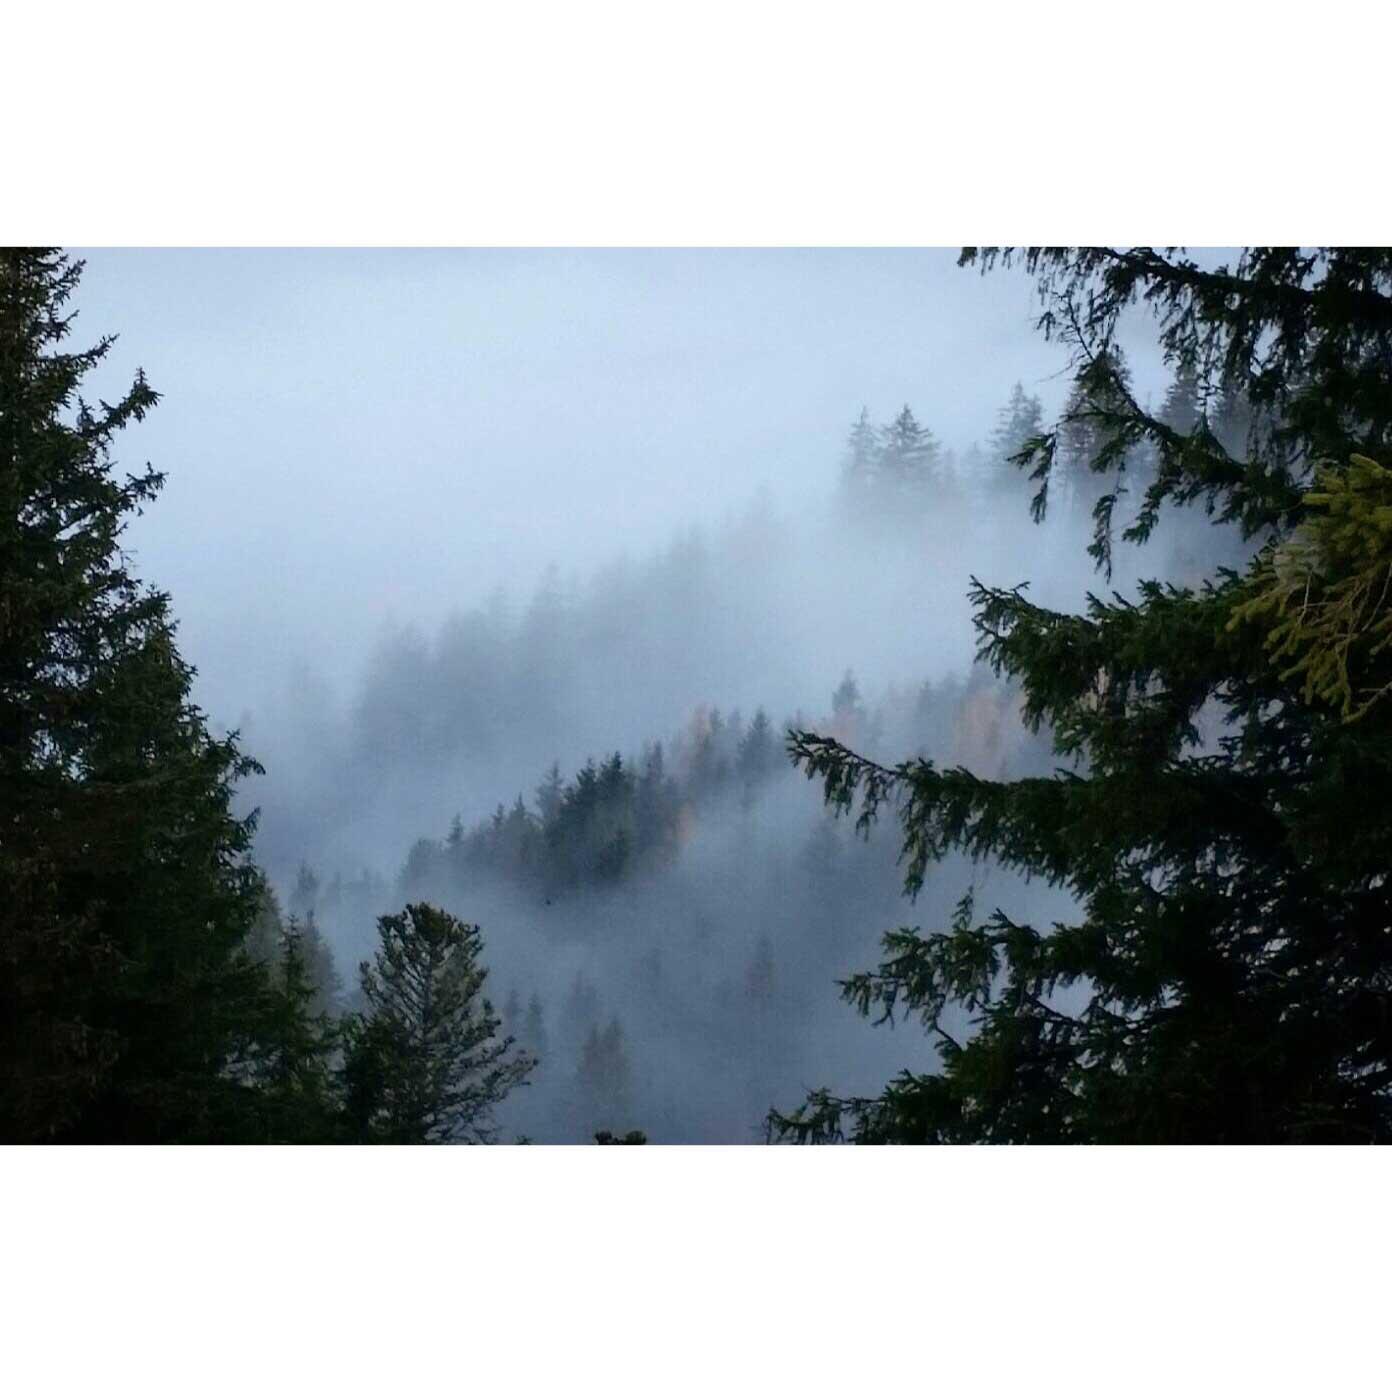 marta-sobczyszyn-geigelstein-nebel-munichmountaingirls